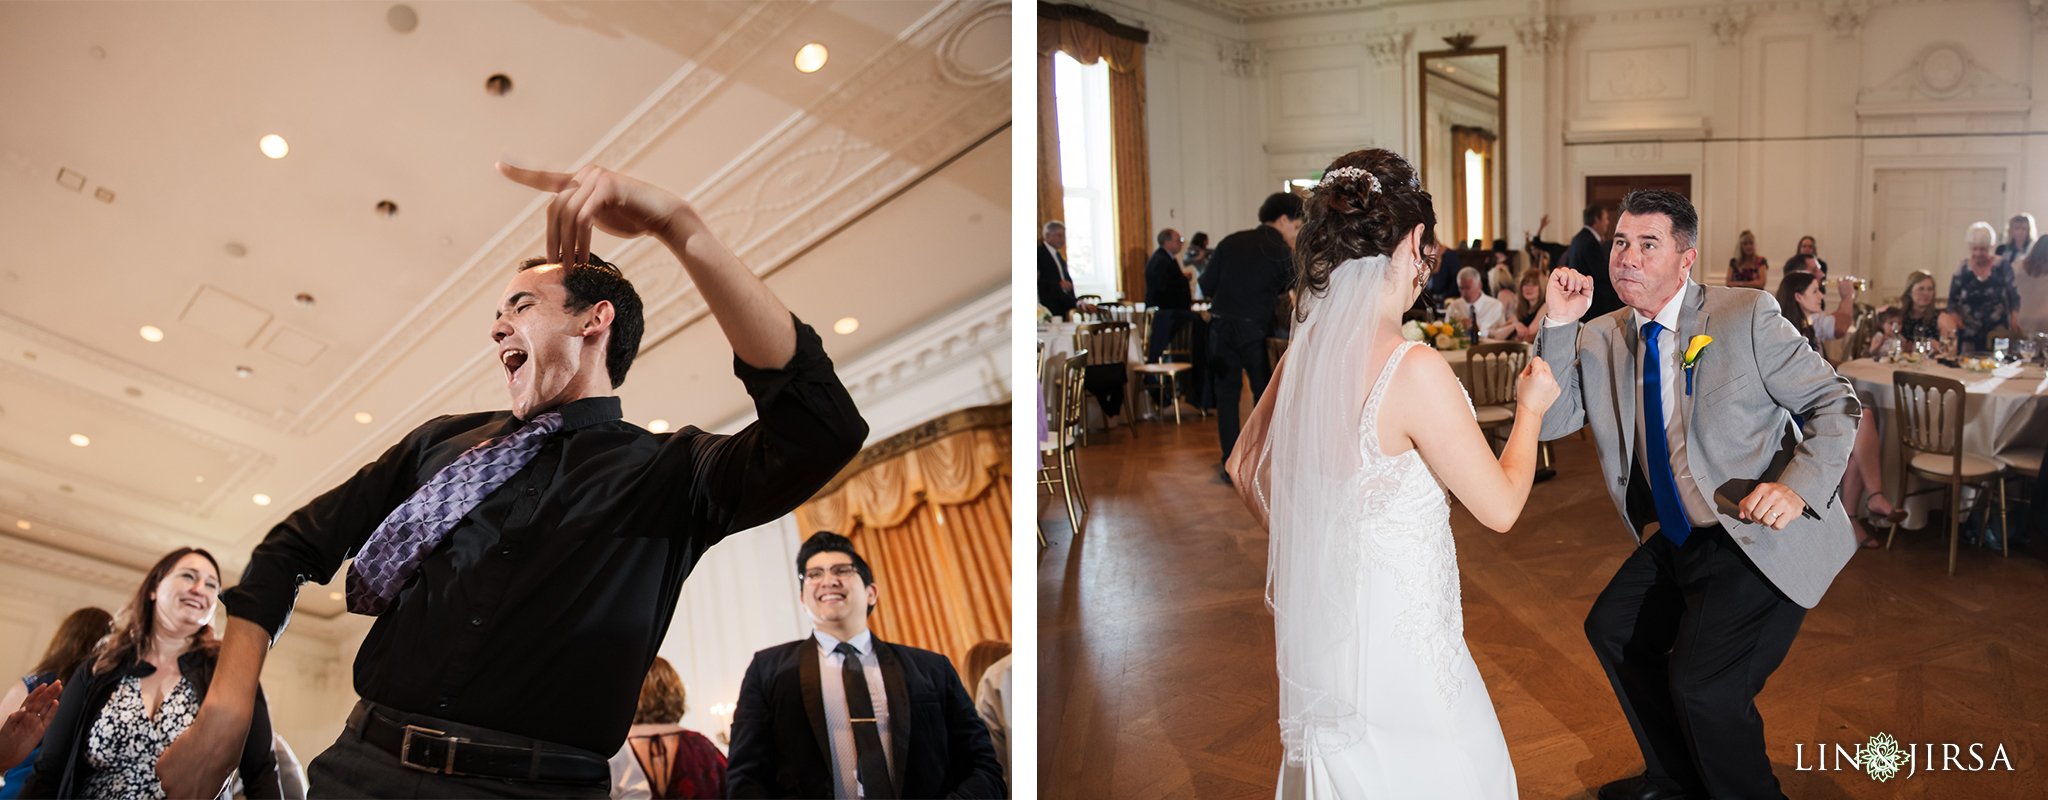 29 Richard Nixon Library Wedding Photographer